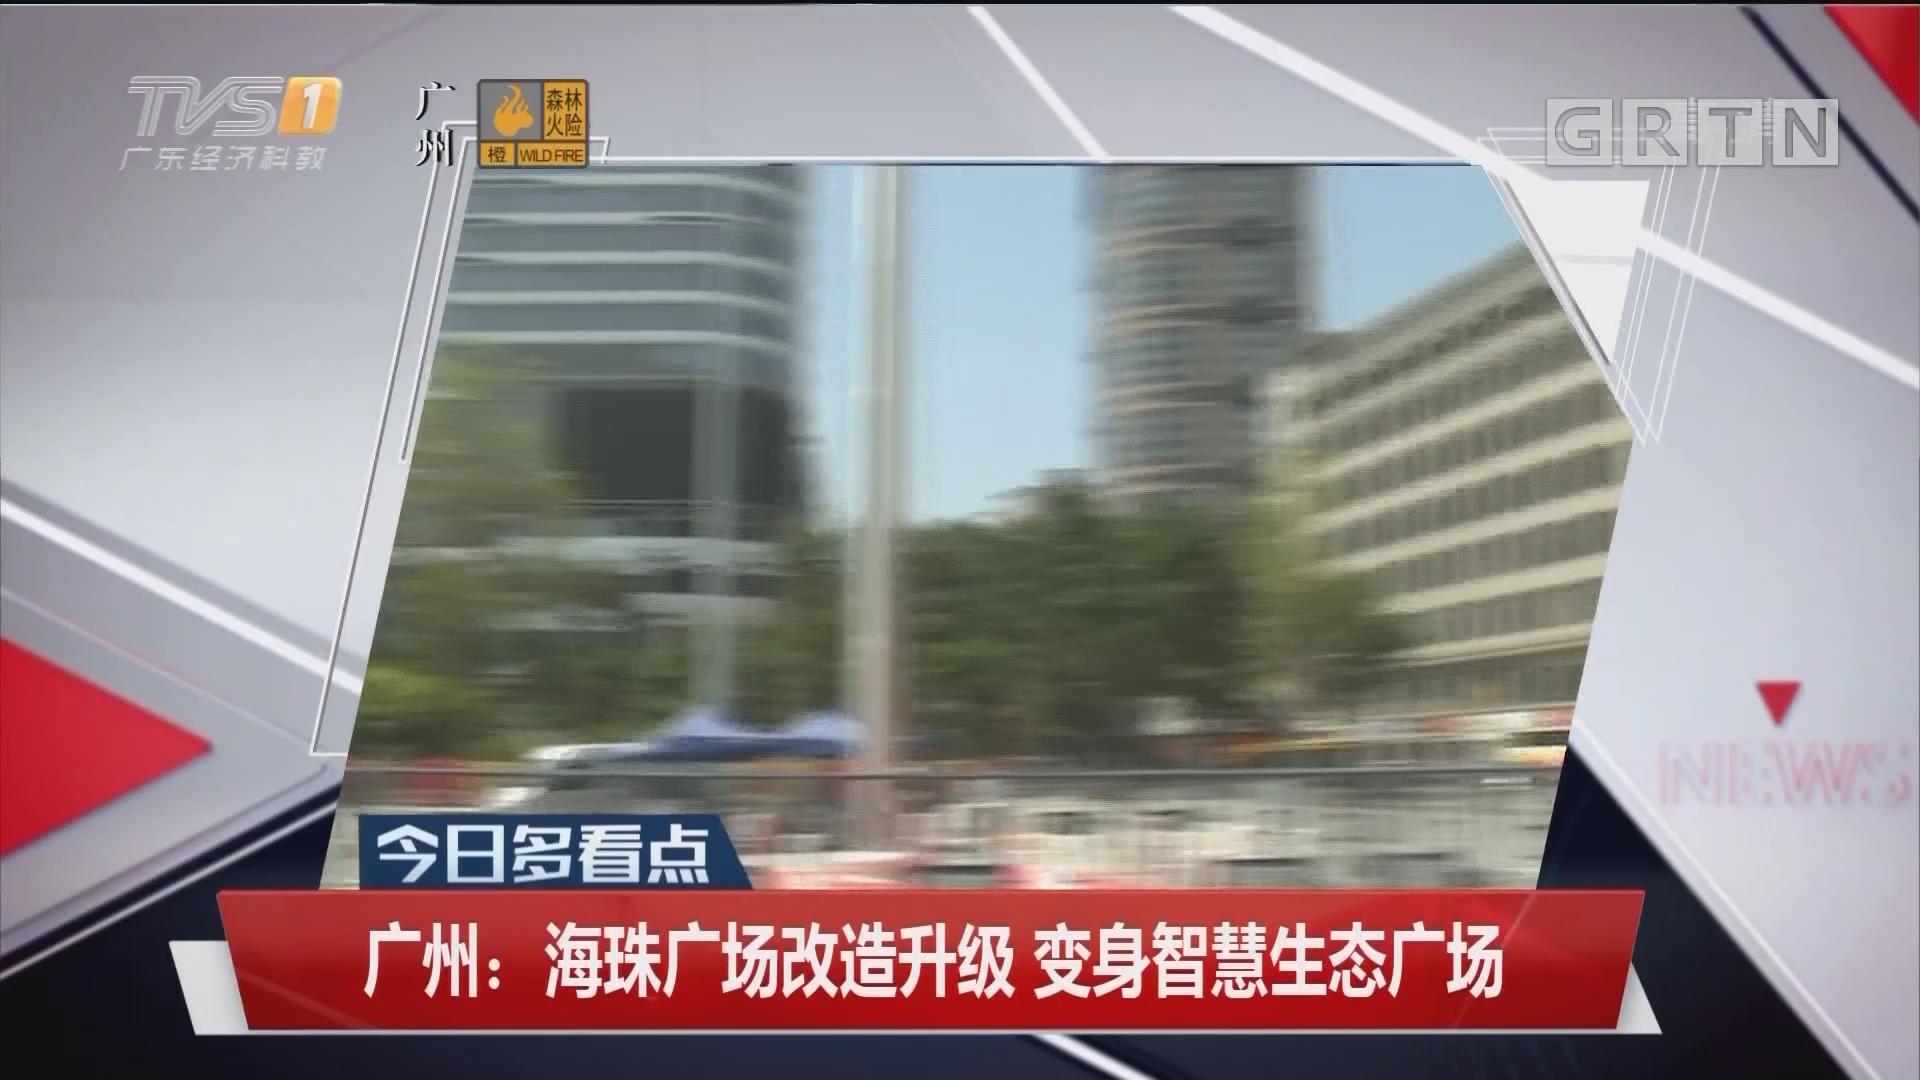 广州:海珠广场改造升级 变身智慧生态广场